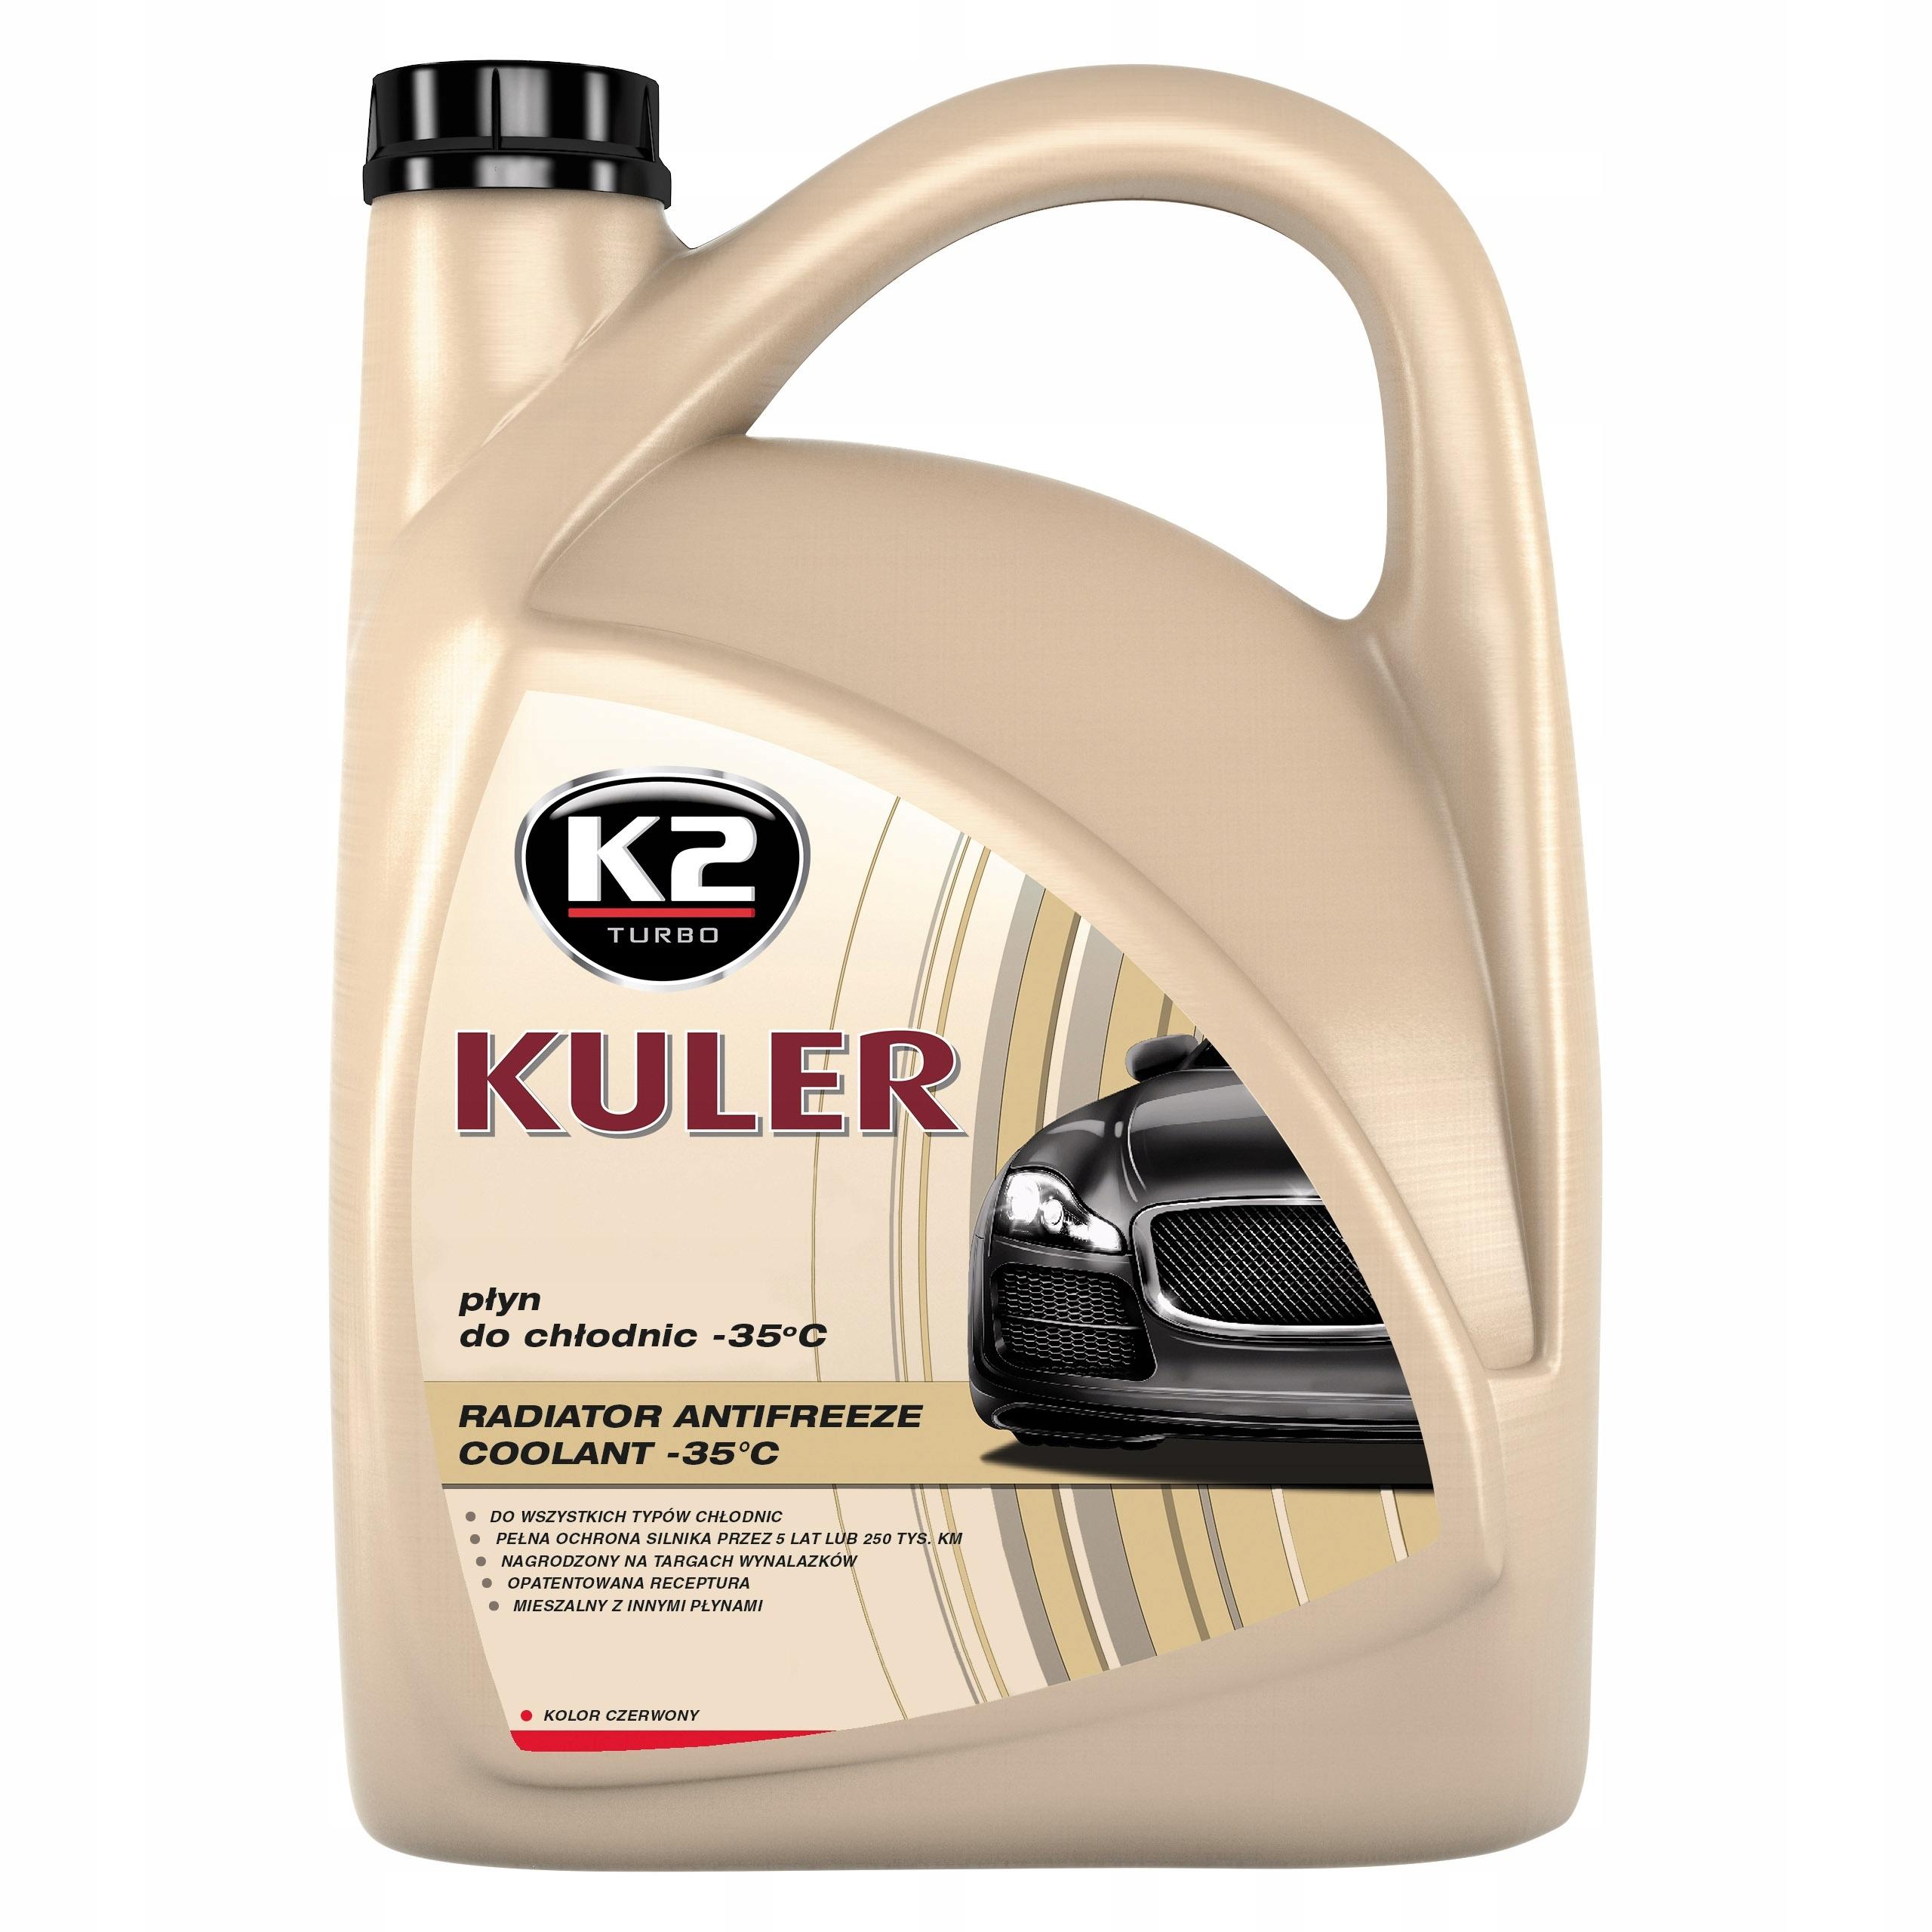 K2 Kuler Жидкость для радиаторов -35°C G12 Красный 5Л